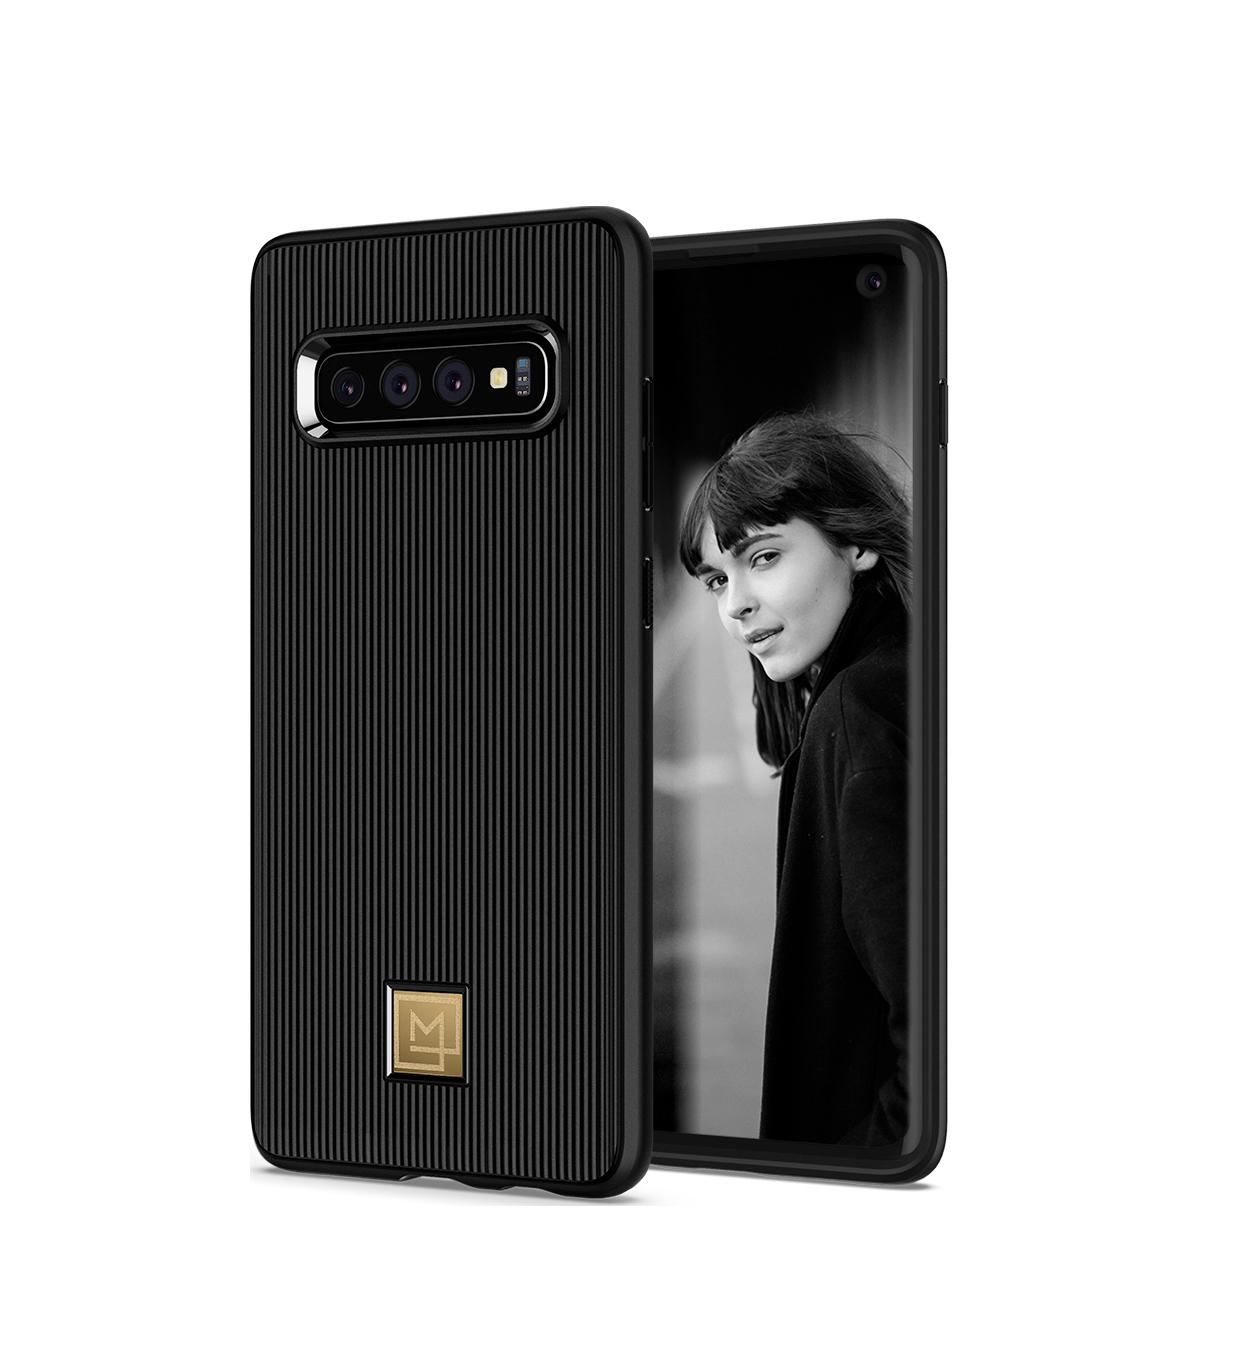 Θήκη Spigen La Manon Classy Back Cover για Samsung Galaxy S10 G973 Black